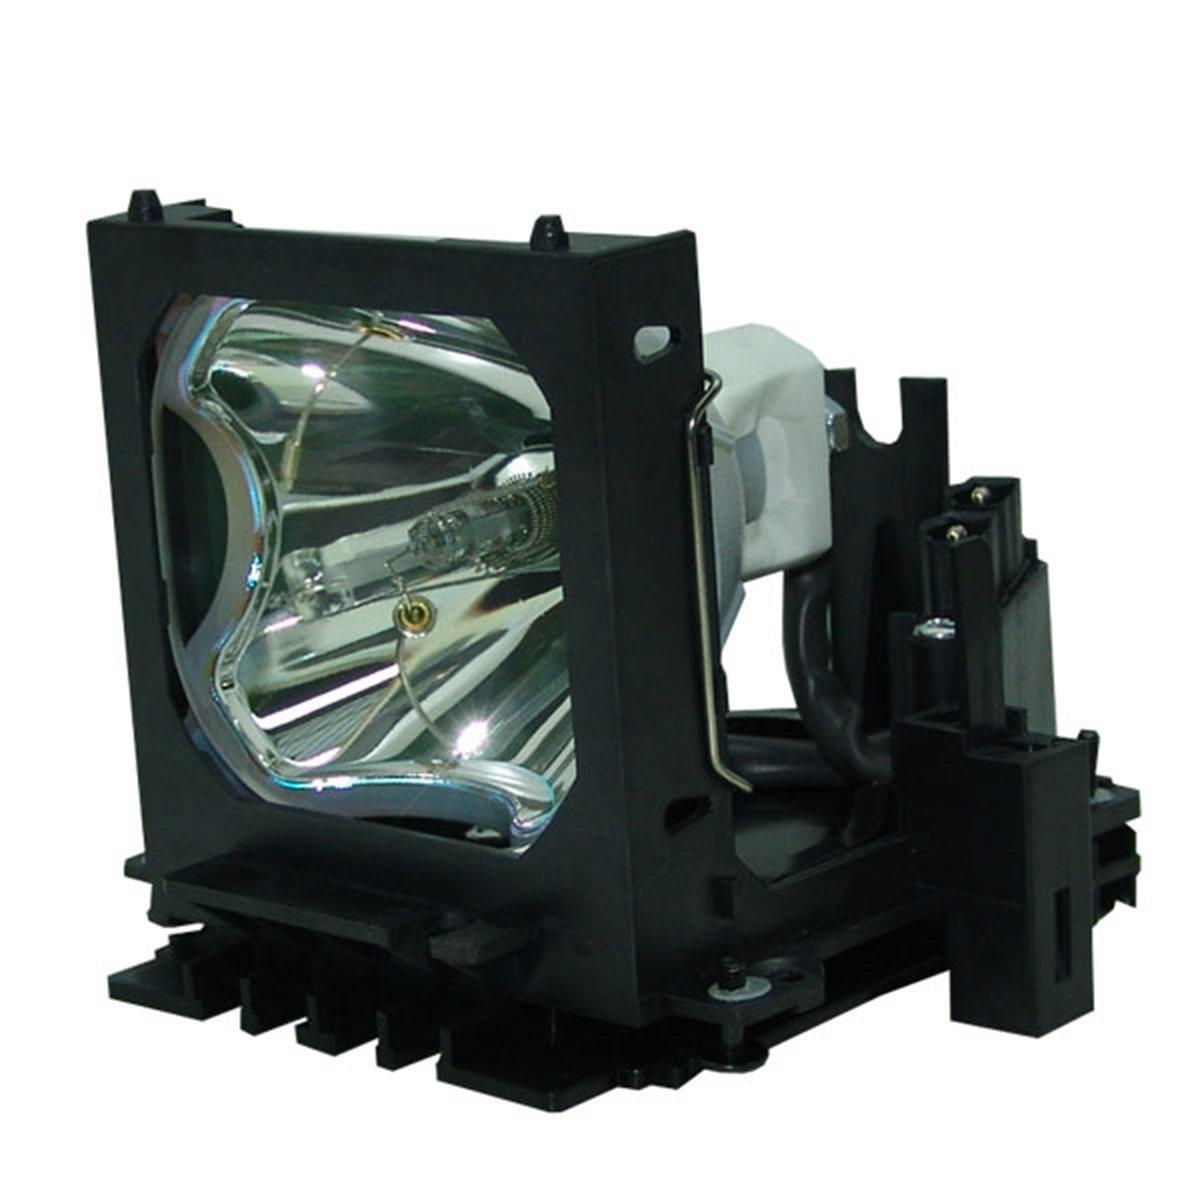 Supermait DT00531 ランプ電球 HITACHI CP-HX5000 / CP-X880 / CP-X880W / CP-X885 / CP-X885W / SRP-3240 交換用ランプバルブ ハウジング付き   B07N3Z4S3F